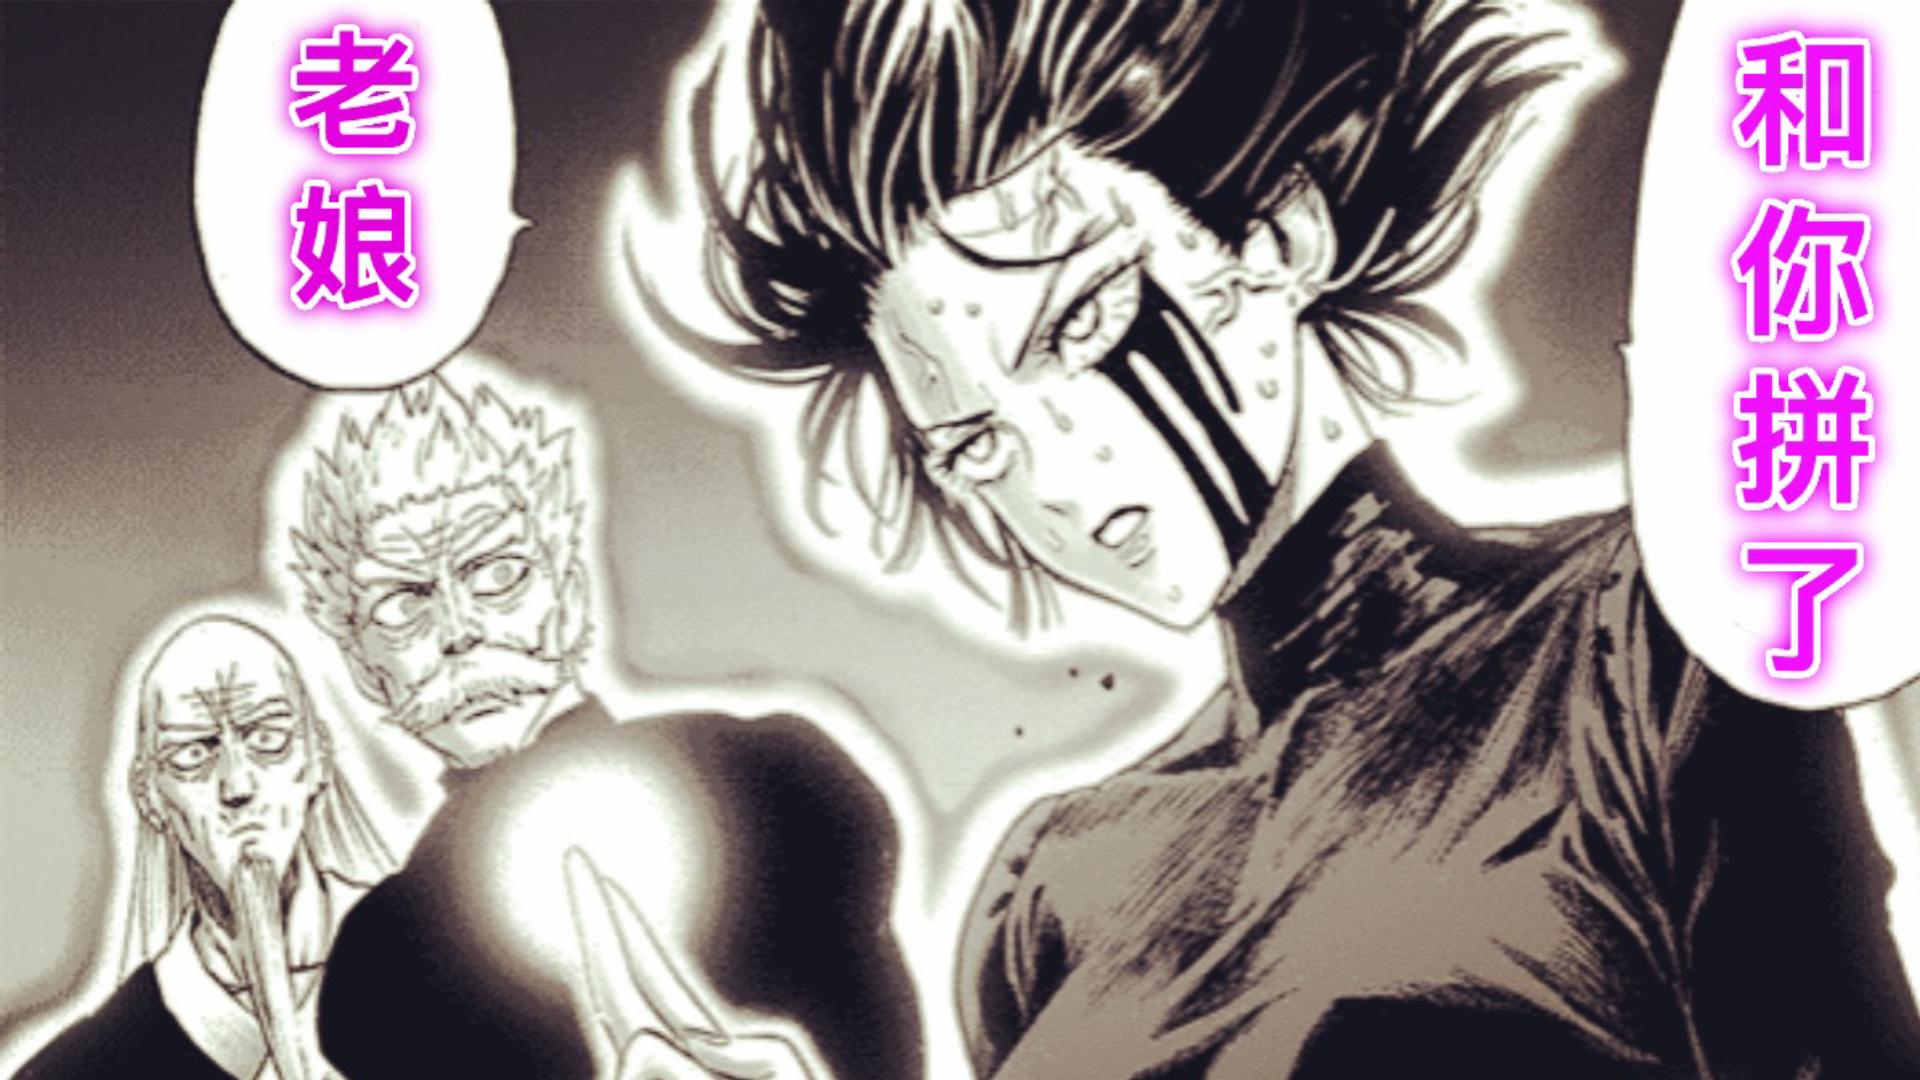 《一拳超人》第三季34:秃头老婆Vs秃头宠物,谁能获胜?